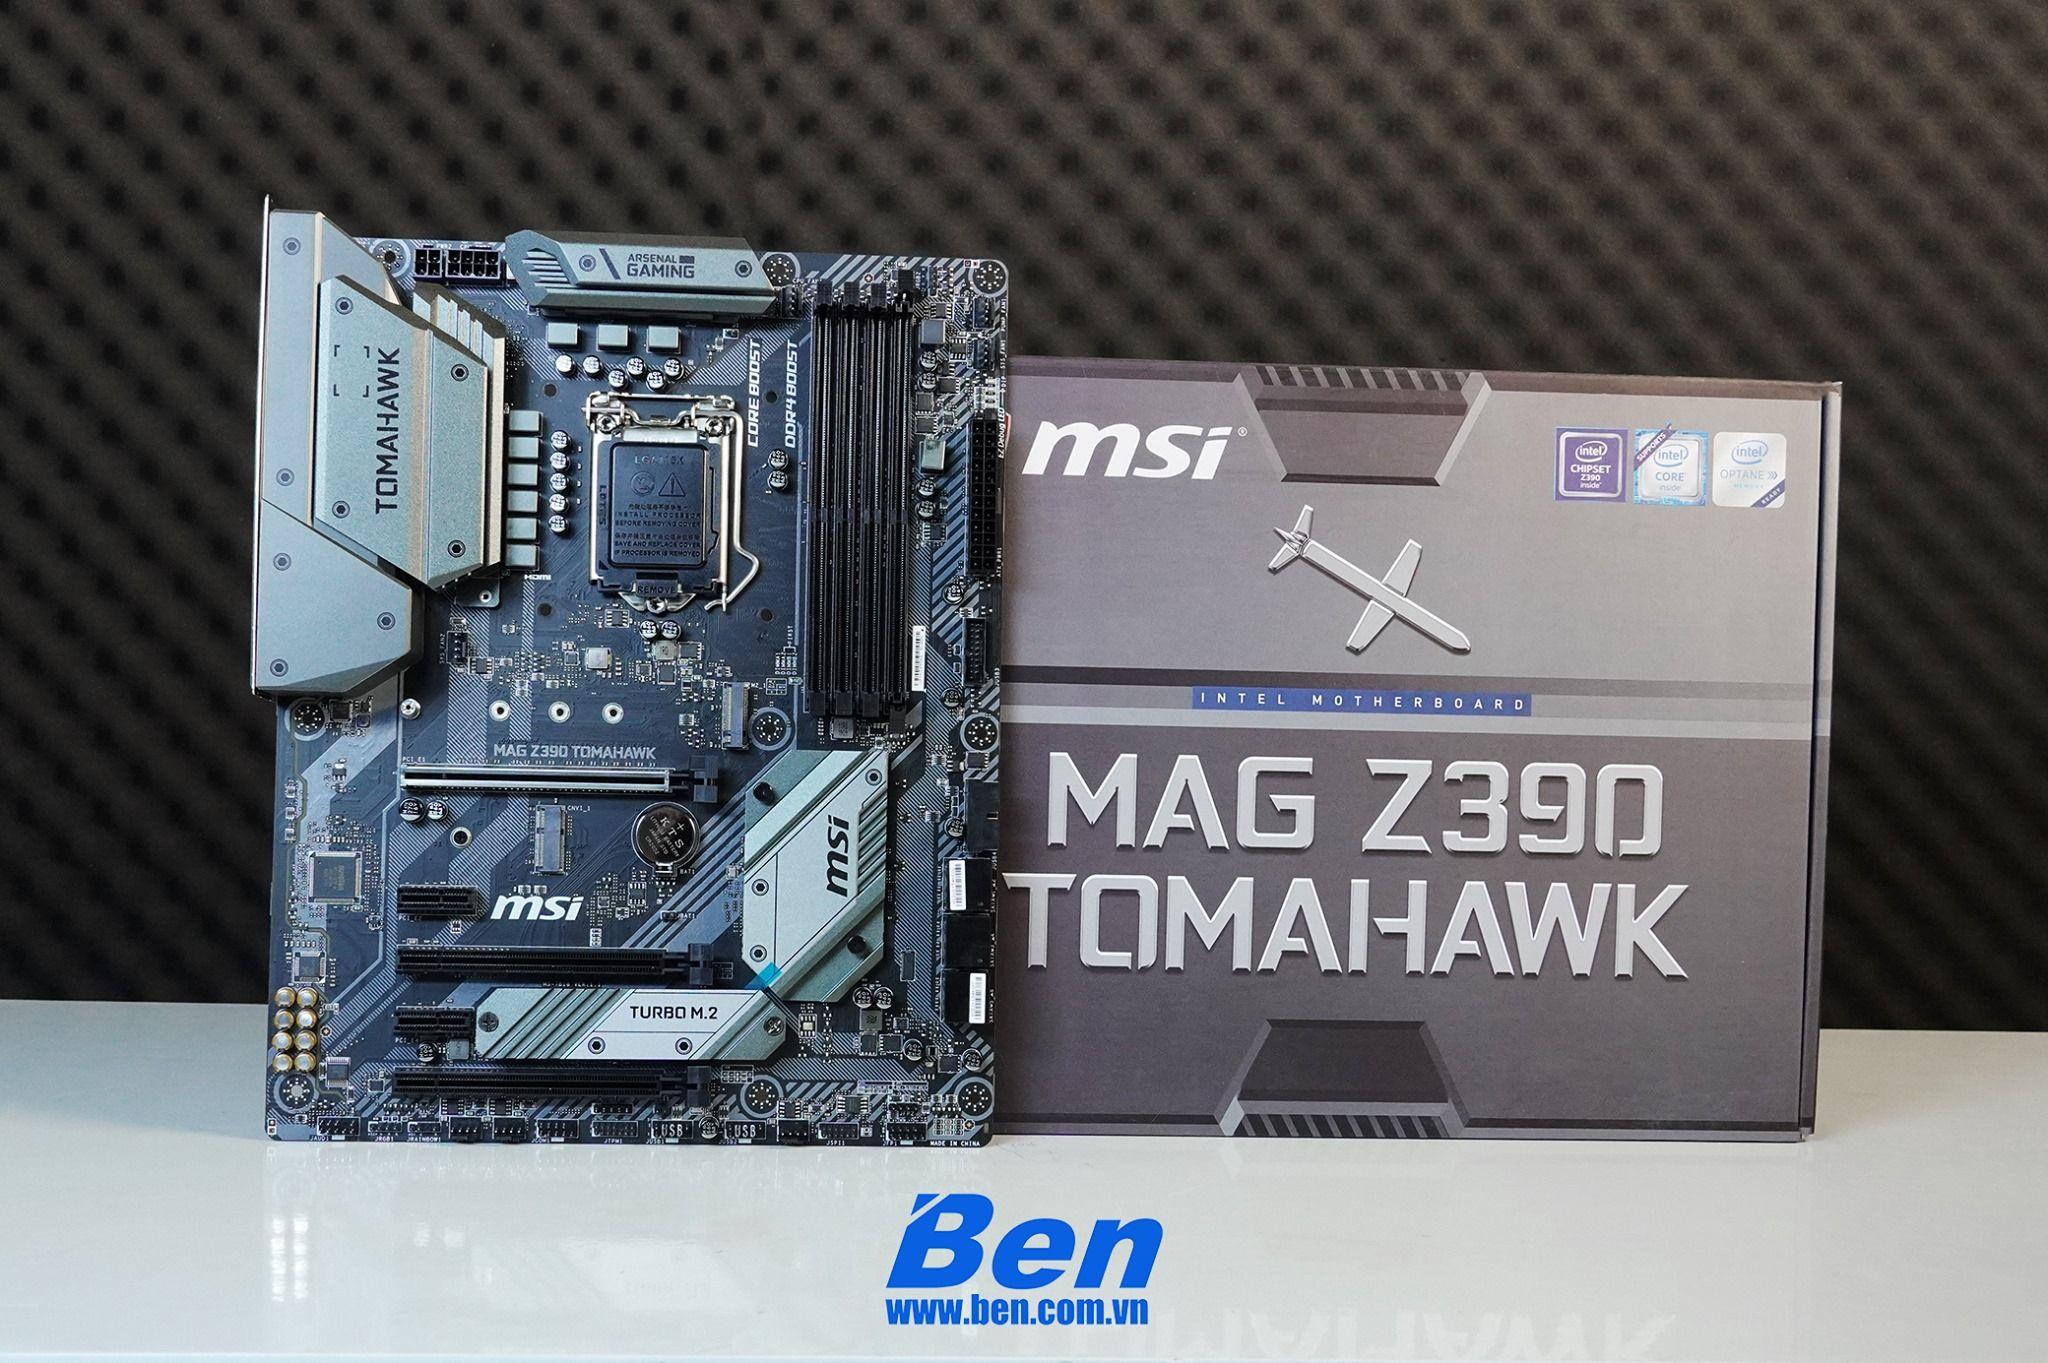 Unbox MSI MAG Z390 Tomahawk - Cảm hứng từ khí tài quân sự